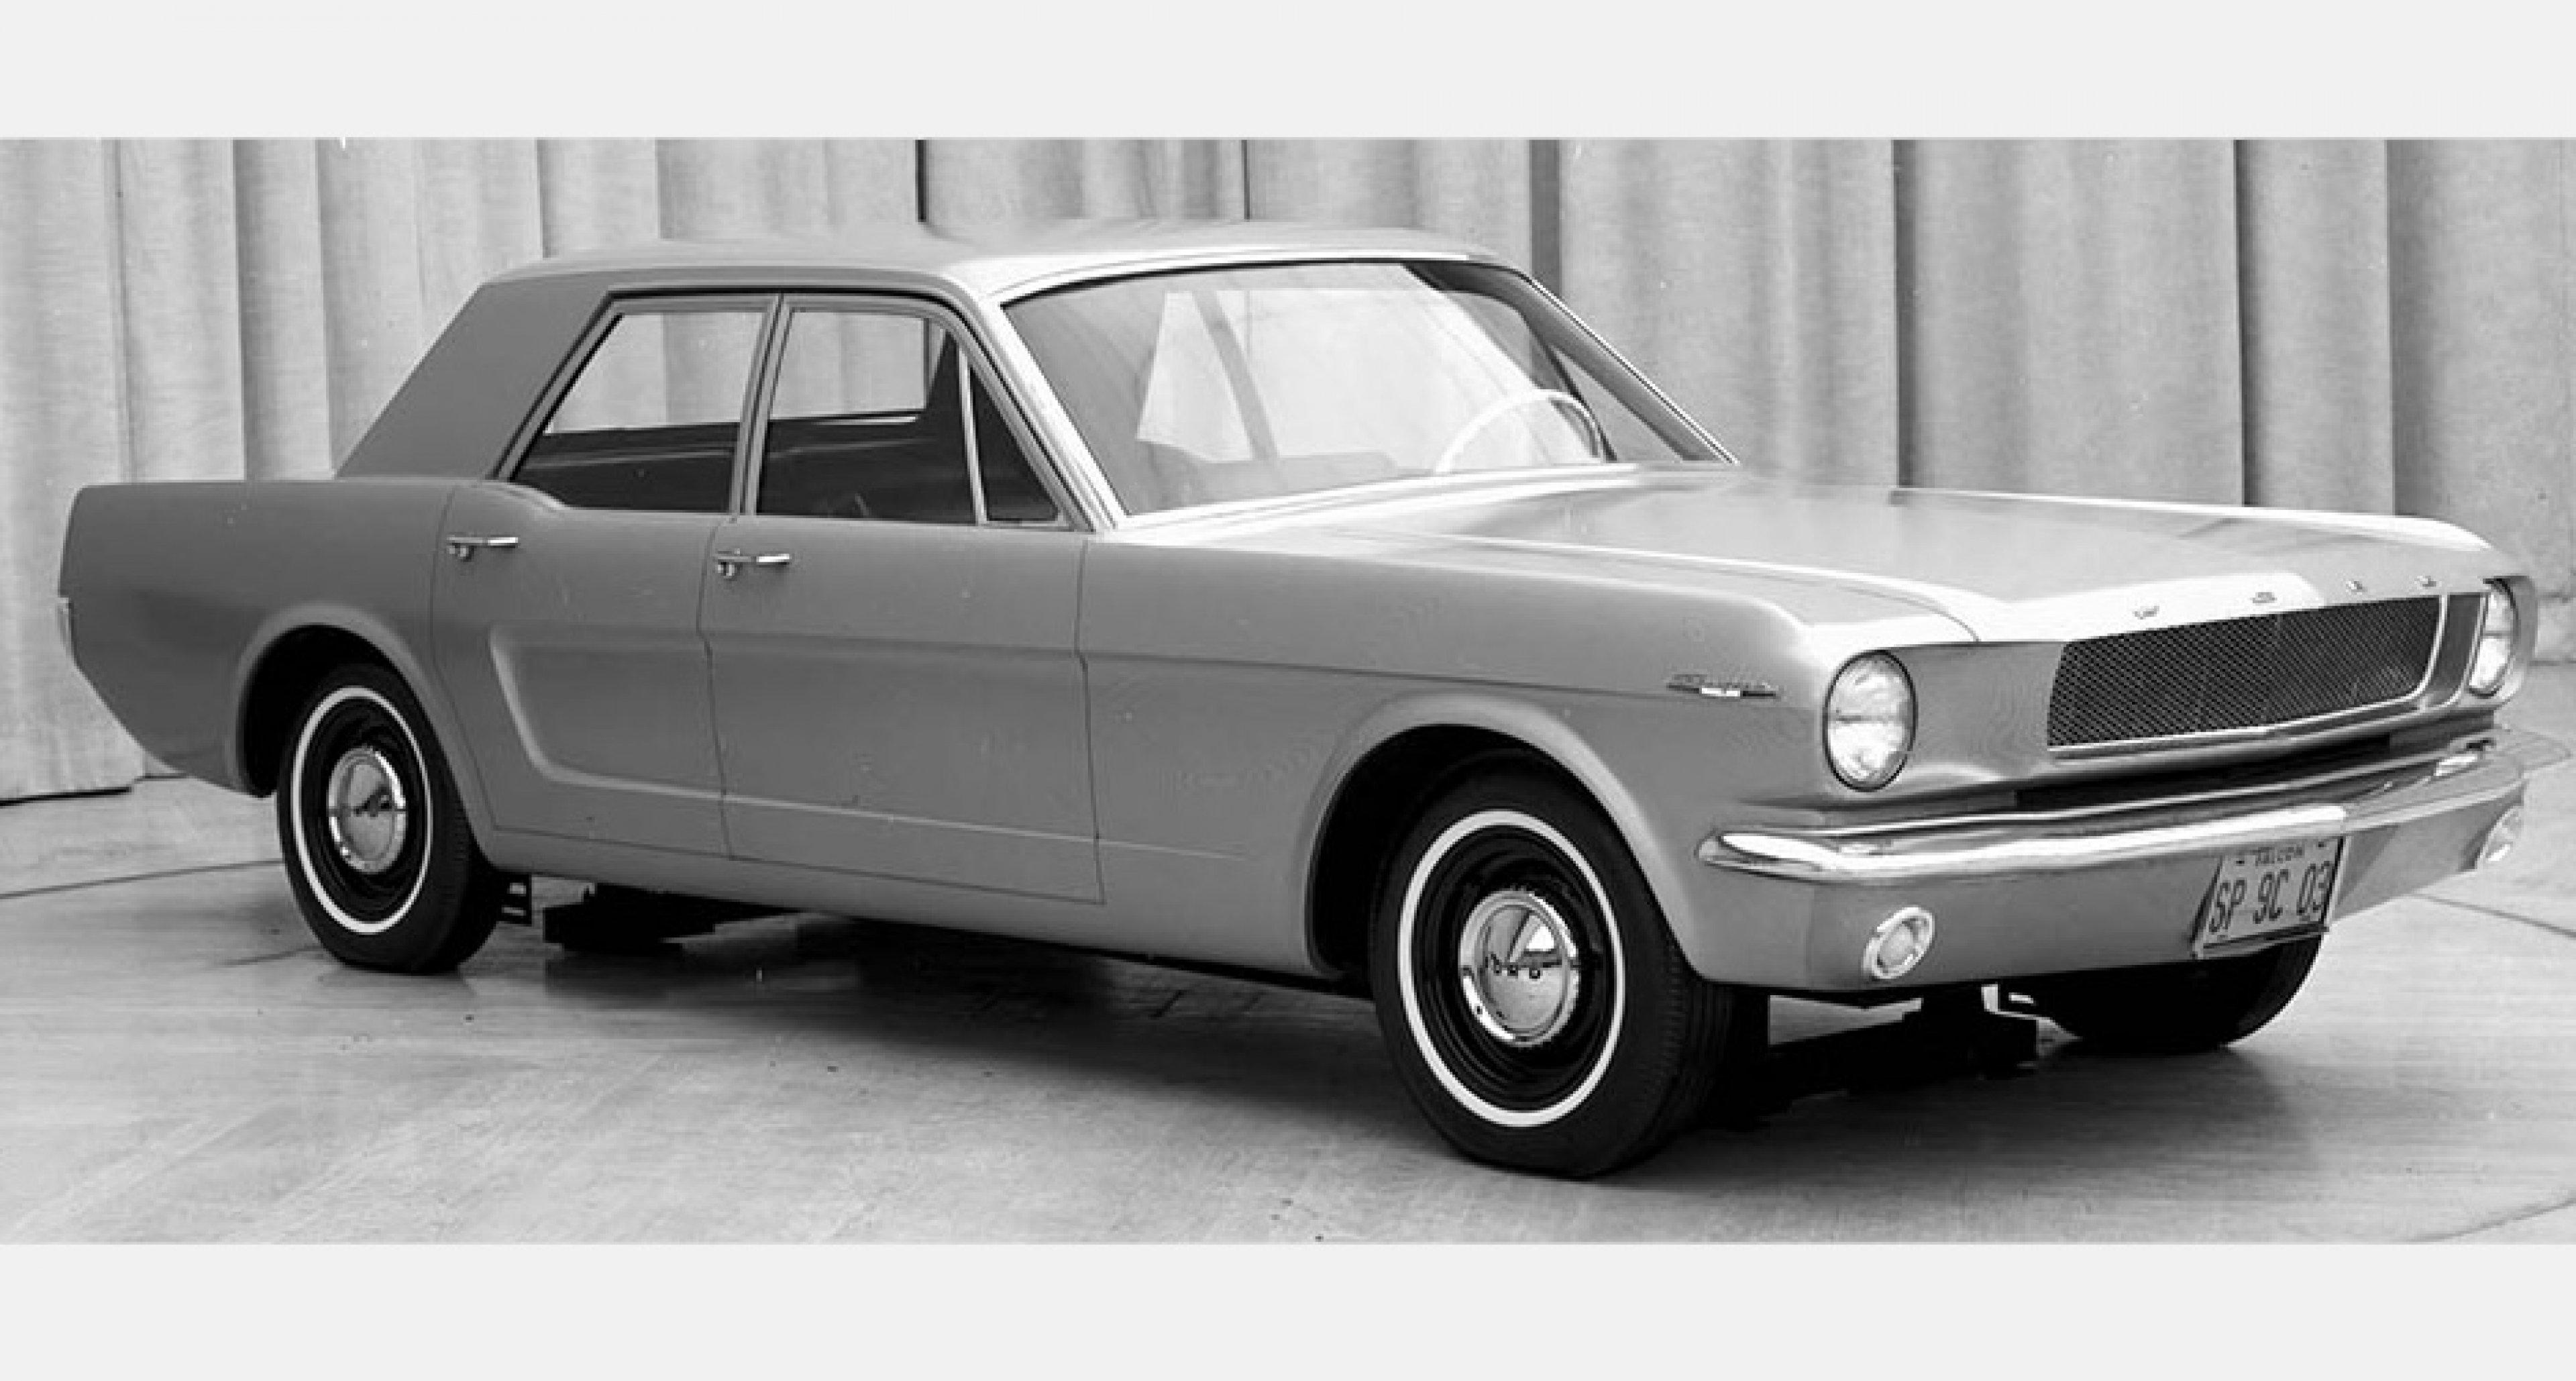 1965 four-door Mustang